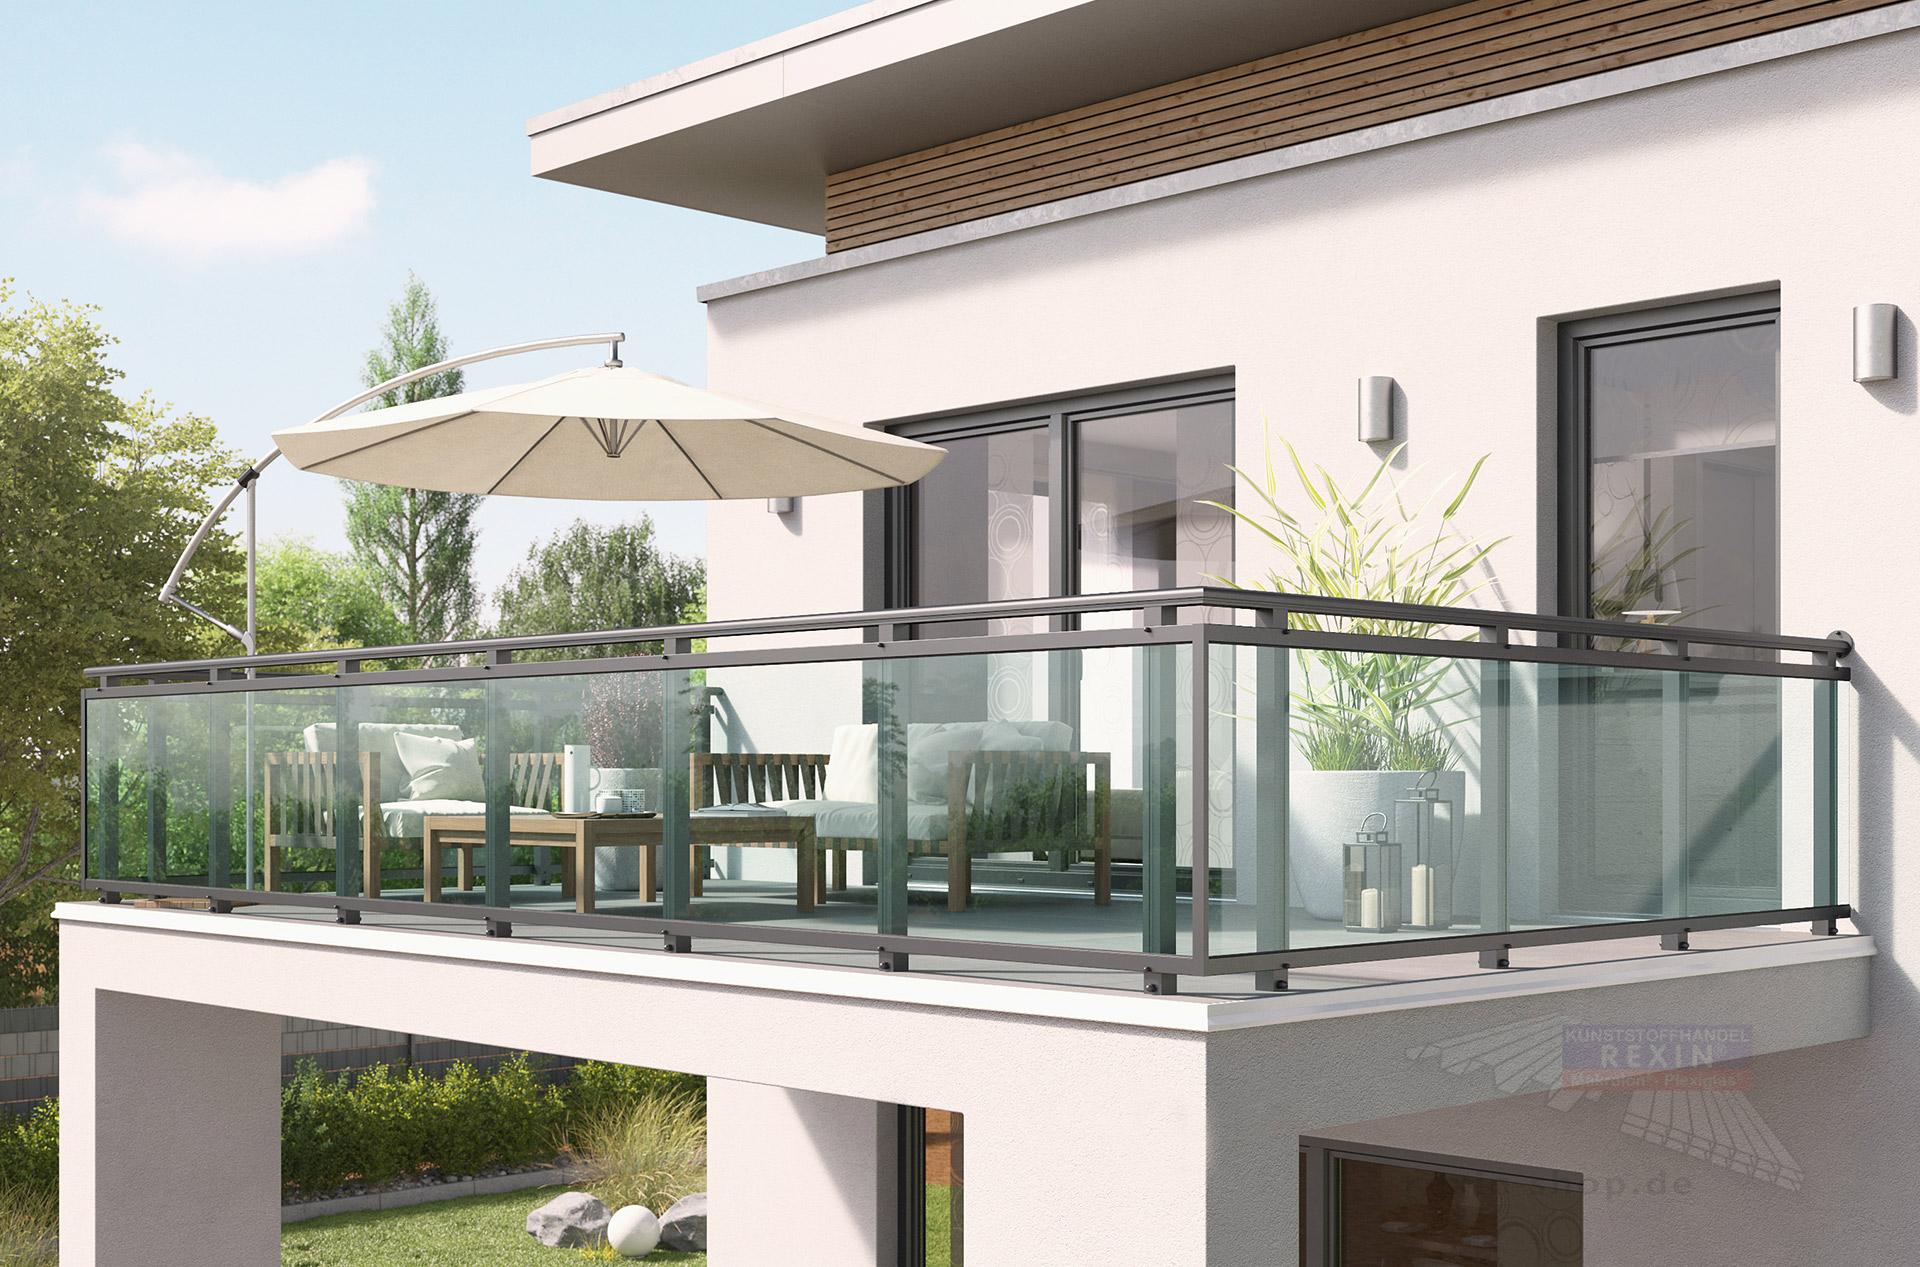 rexoguard balkongel nder f llung 2m mit vsg glas rexin shop. Black Bedroom Furniture Sets. Home Design Ideas